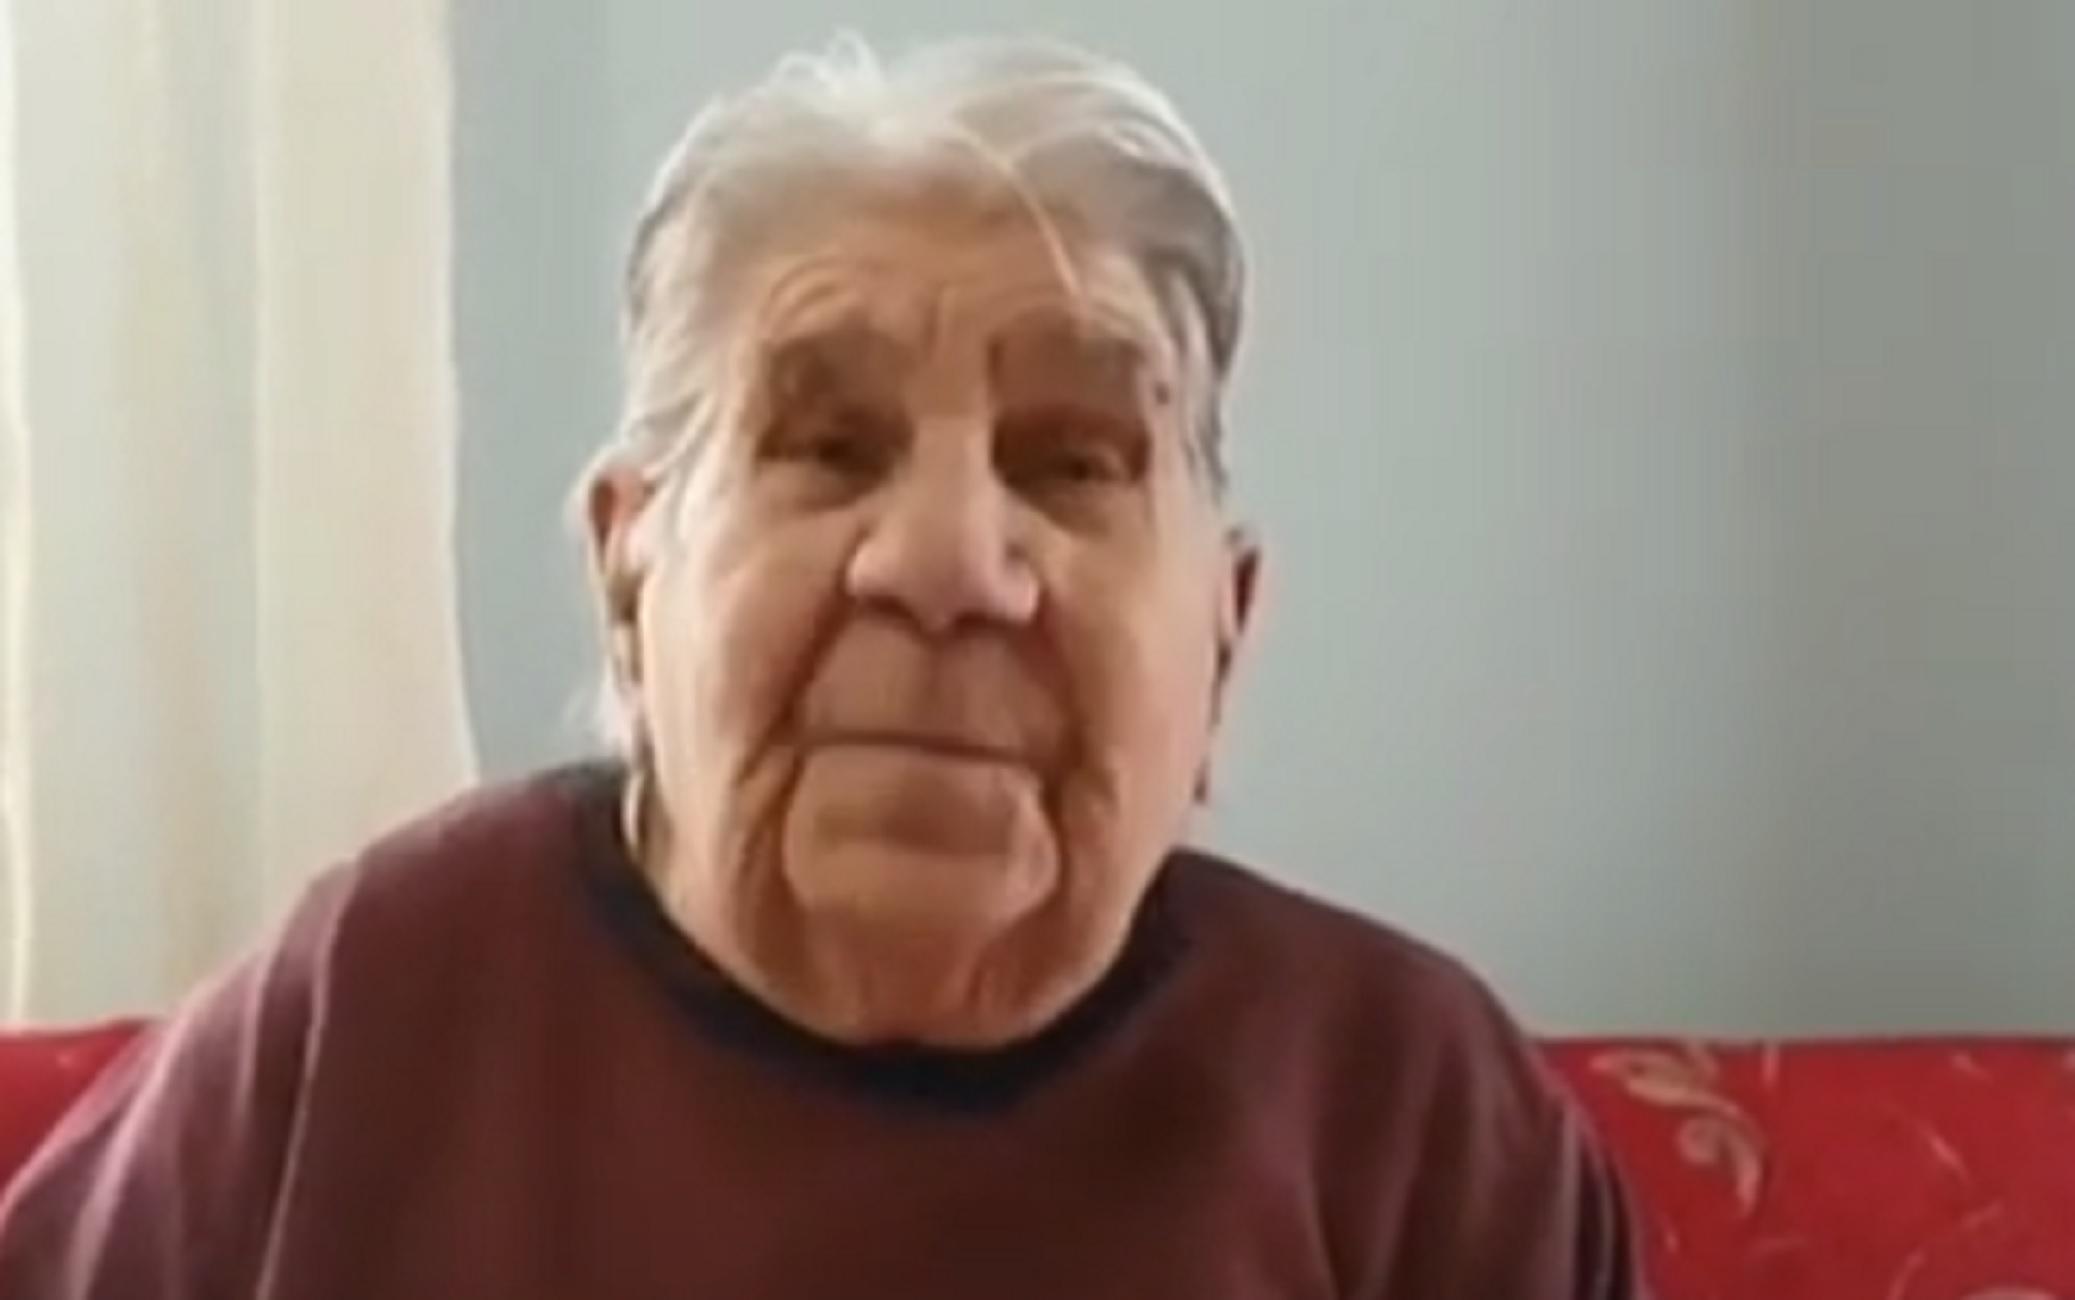 Κιλκίς – Κορονοϊός: Νικήτρια στα 93 της χρόνια – Συγκλόνισε το μεγαλείο ψυχής την πιο δύσκολη ώρα (video)